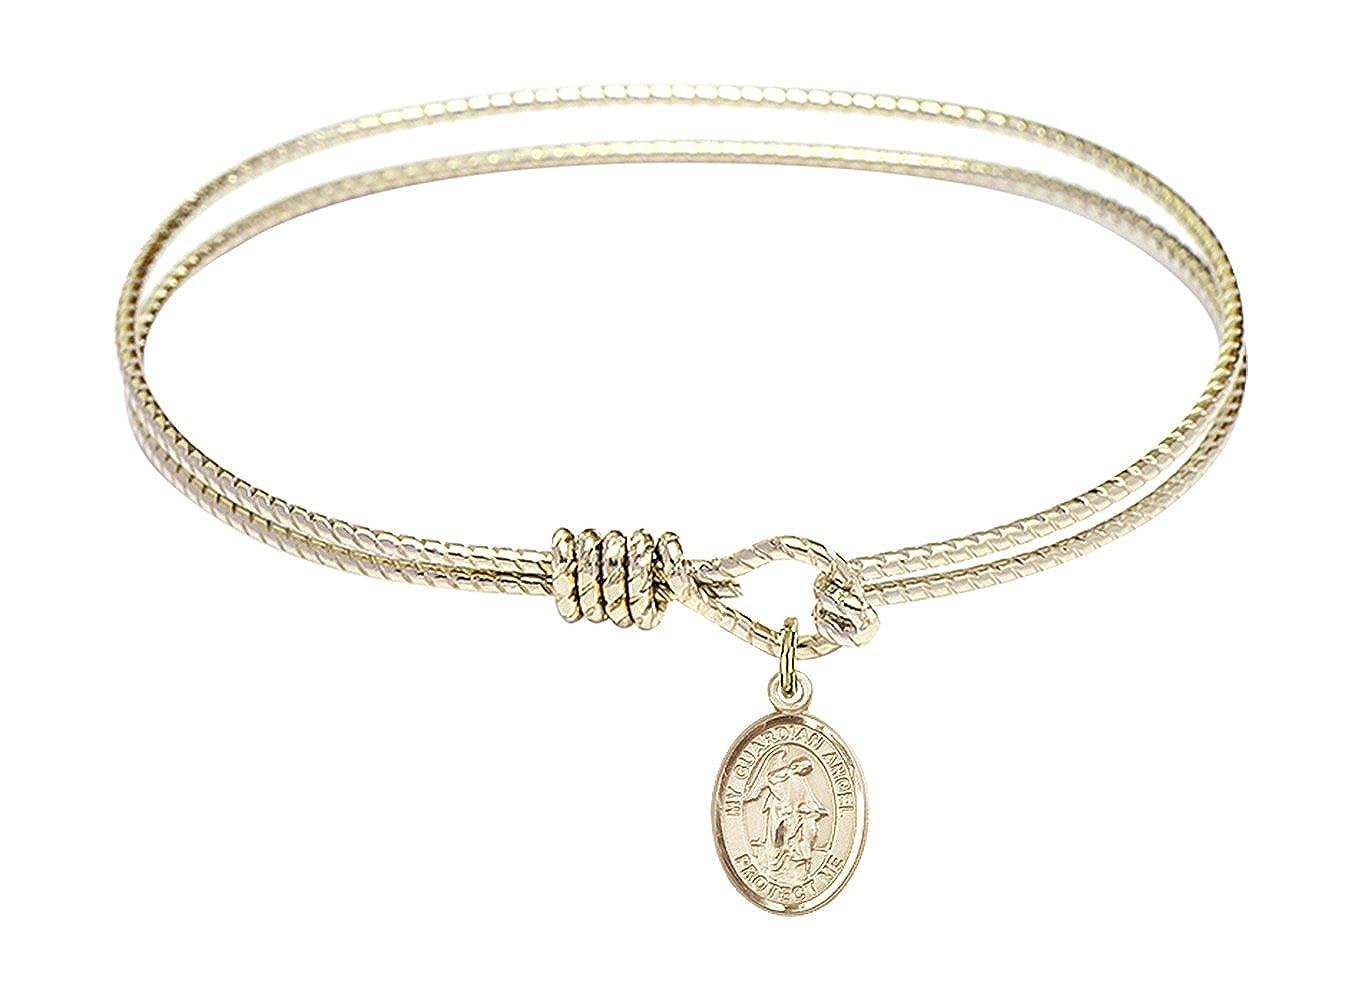 DiamondJewelryNY Eye Hook Bangle Bracelet with a Guardian Angel w//Child Charm.